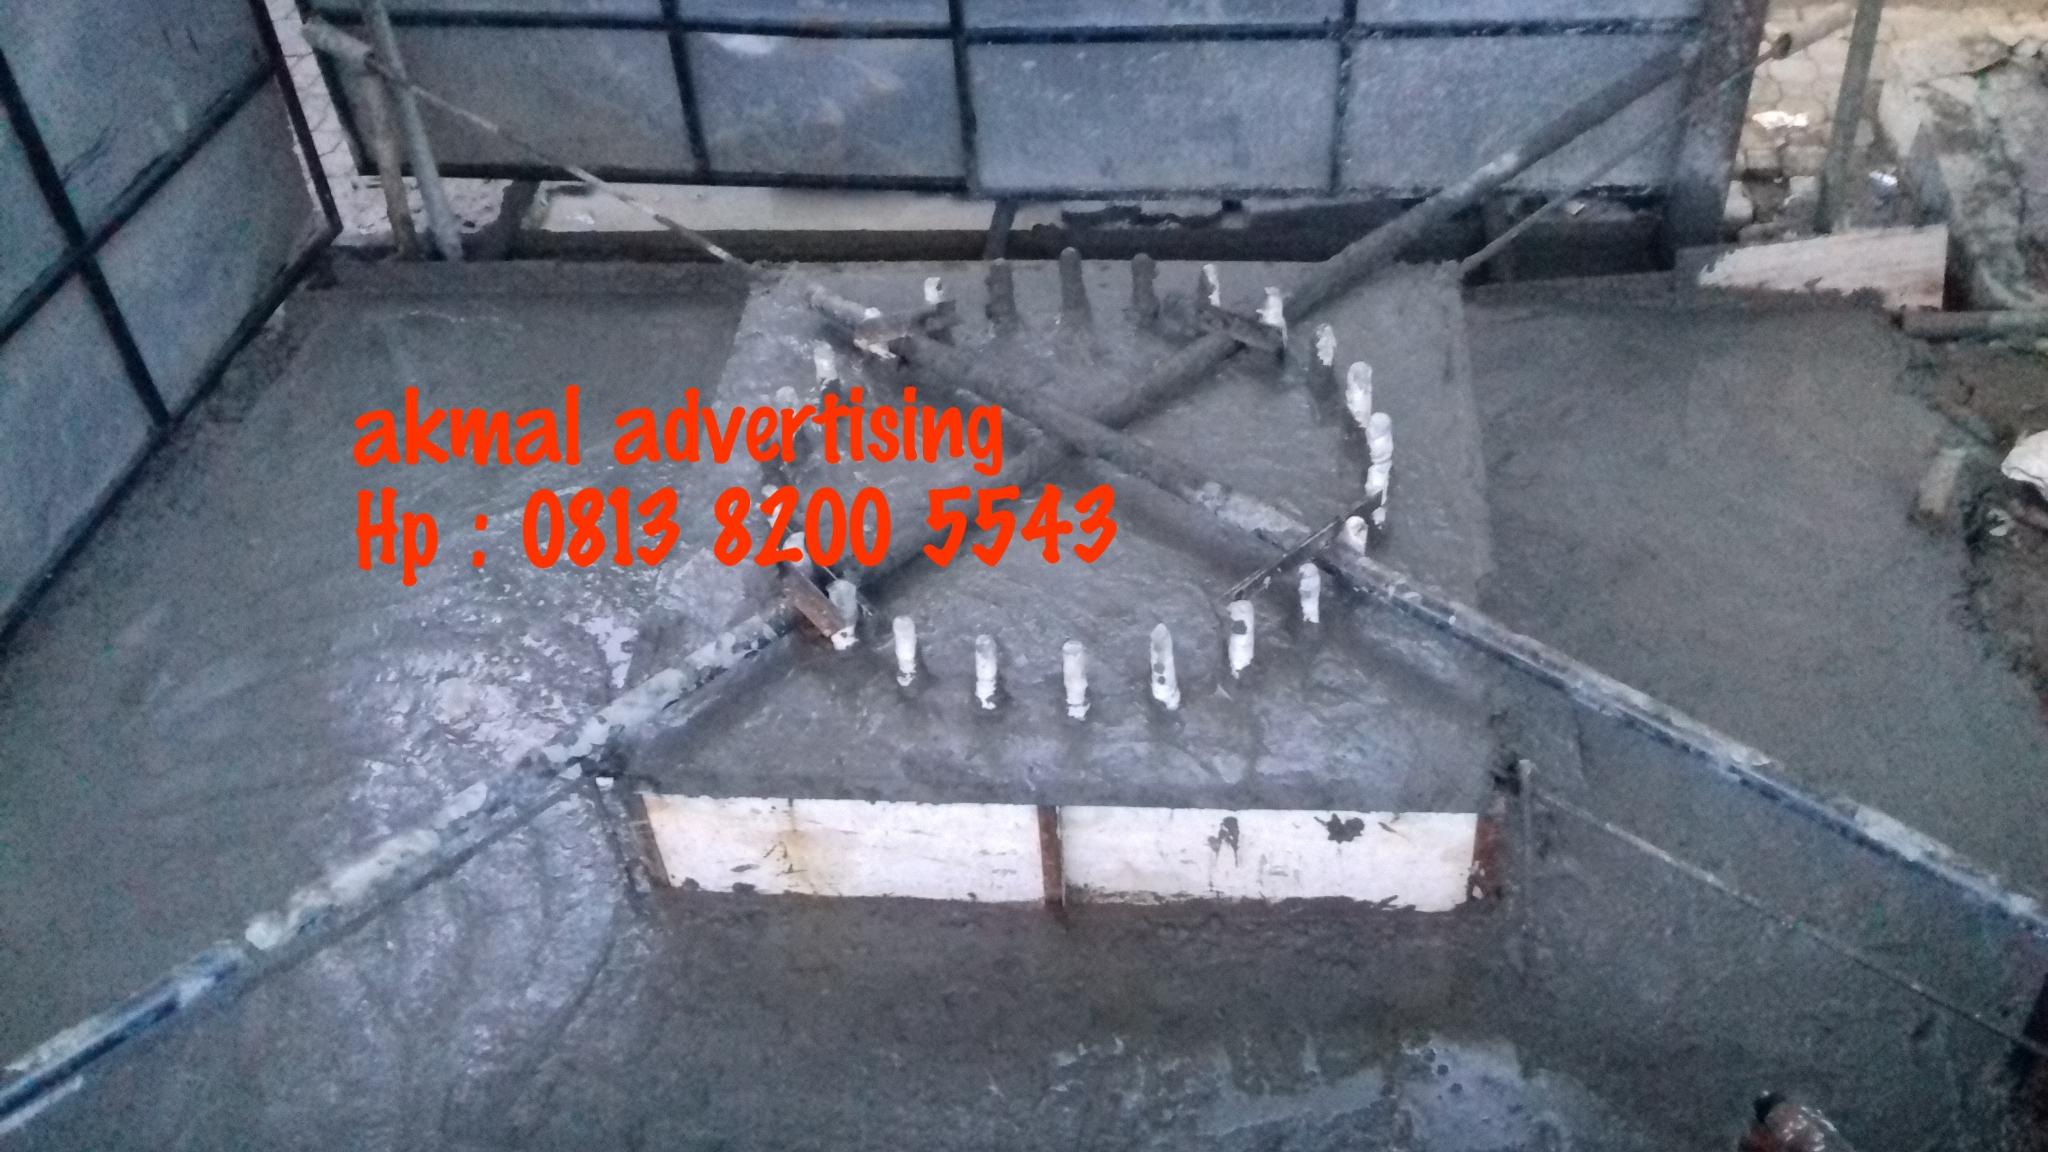 Jasa-pemasangan-hoarding-pagar-bekasi